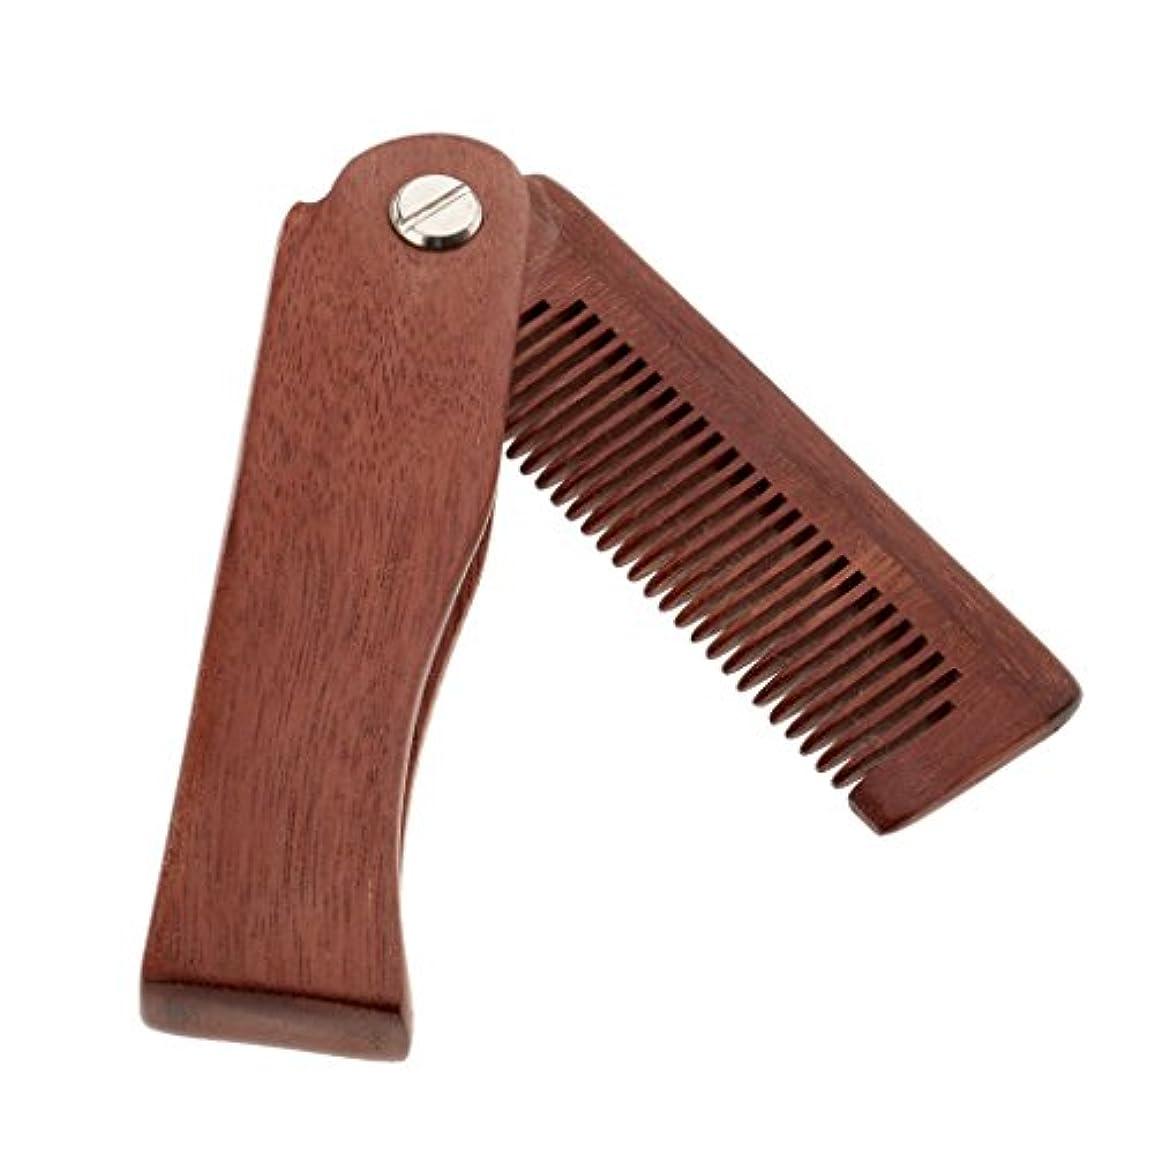 動力学グリーンランドナラーバーひげ剃り櫛 コーム 木製櫛 折りたたみ メンズ 毛ひげの櫛